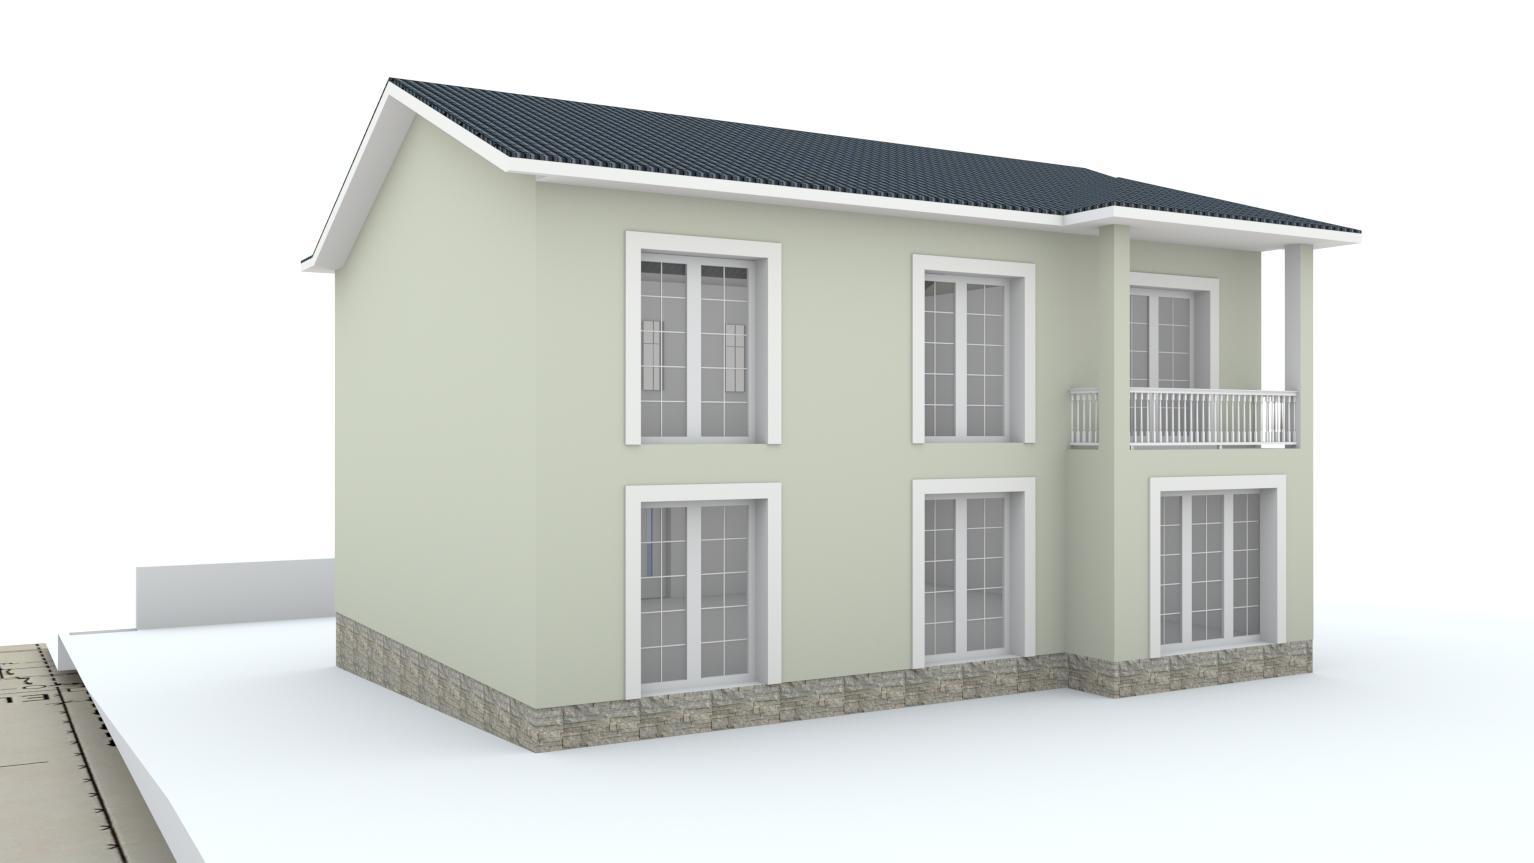 Návrh fasády rodinného domu Bratislava - Obrázok č. 6